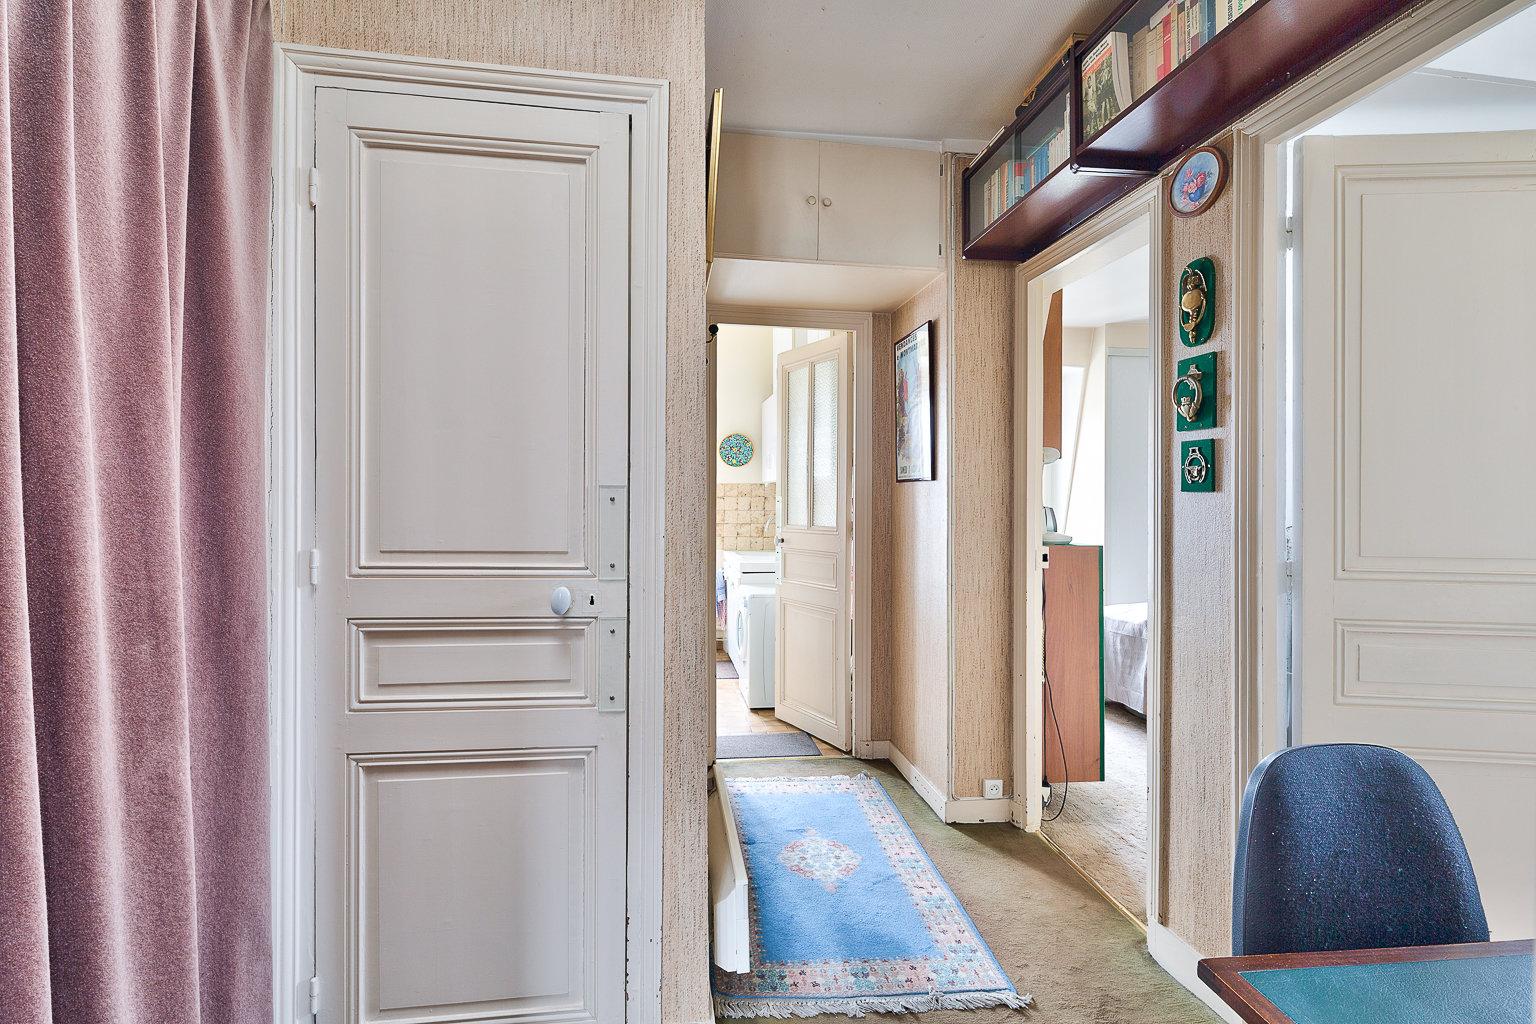 Paris - XVIII ème - MONTMARTRE  - 3 PIÈCES (POSS 2 CHAMBRES) - TRAVERSANT - DERNIER ÉTAGE ASCENSEUR - SOLEIL - VUE CIEL ET TOITS - EXCELLENT AGENCEMENT - ADRESSE TRÈS RECHERCHÉE